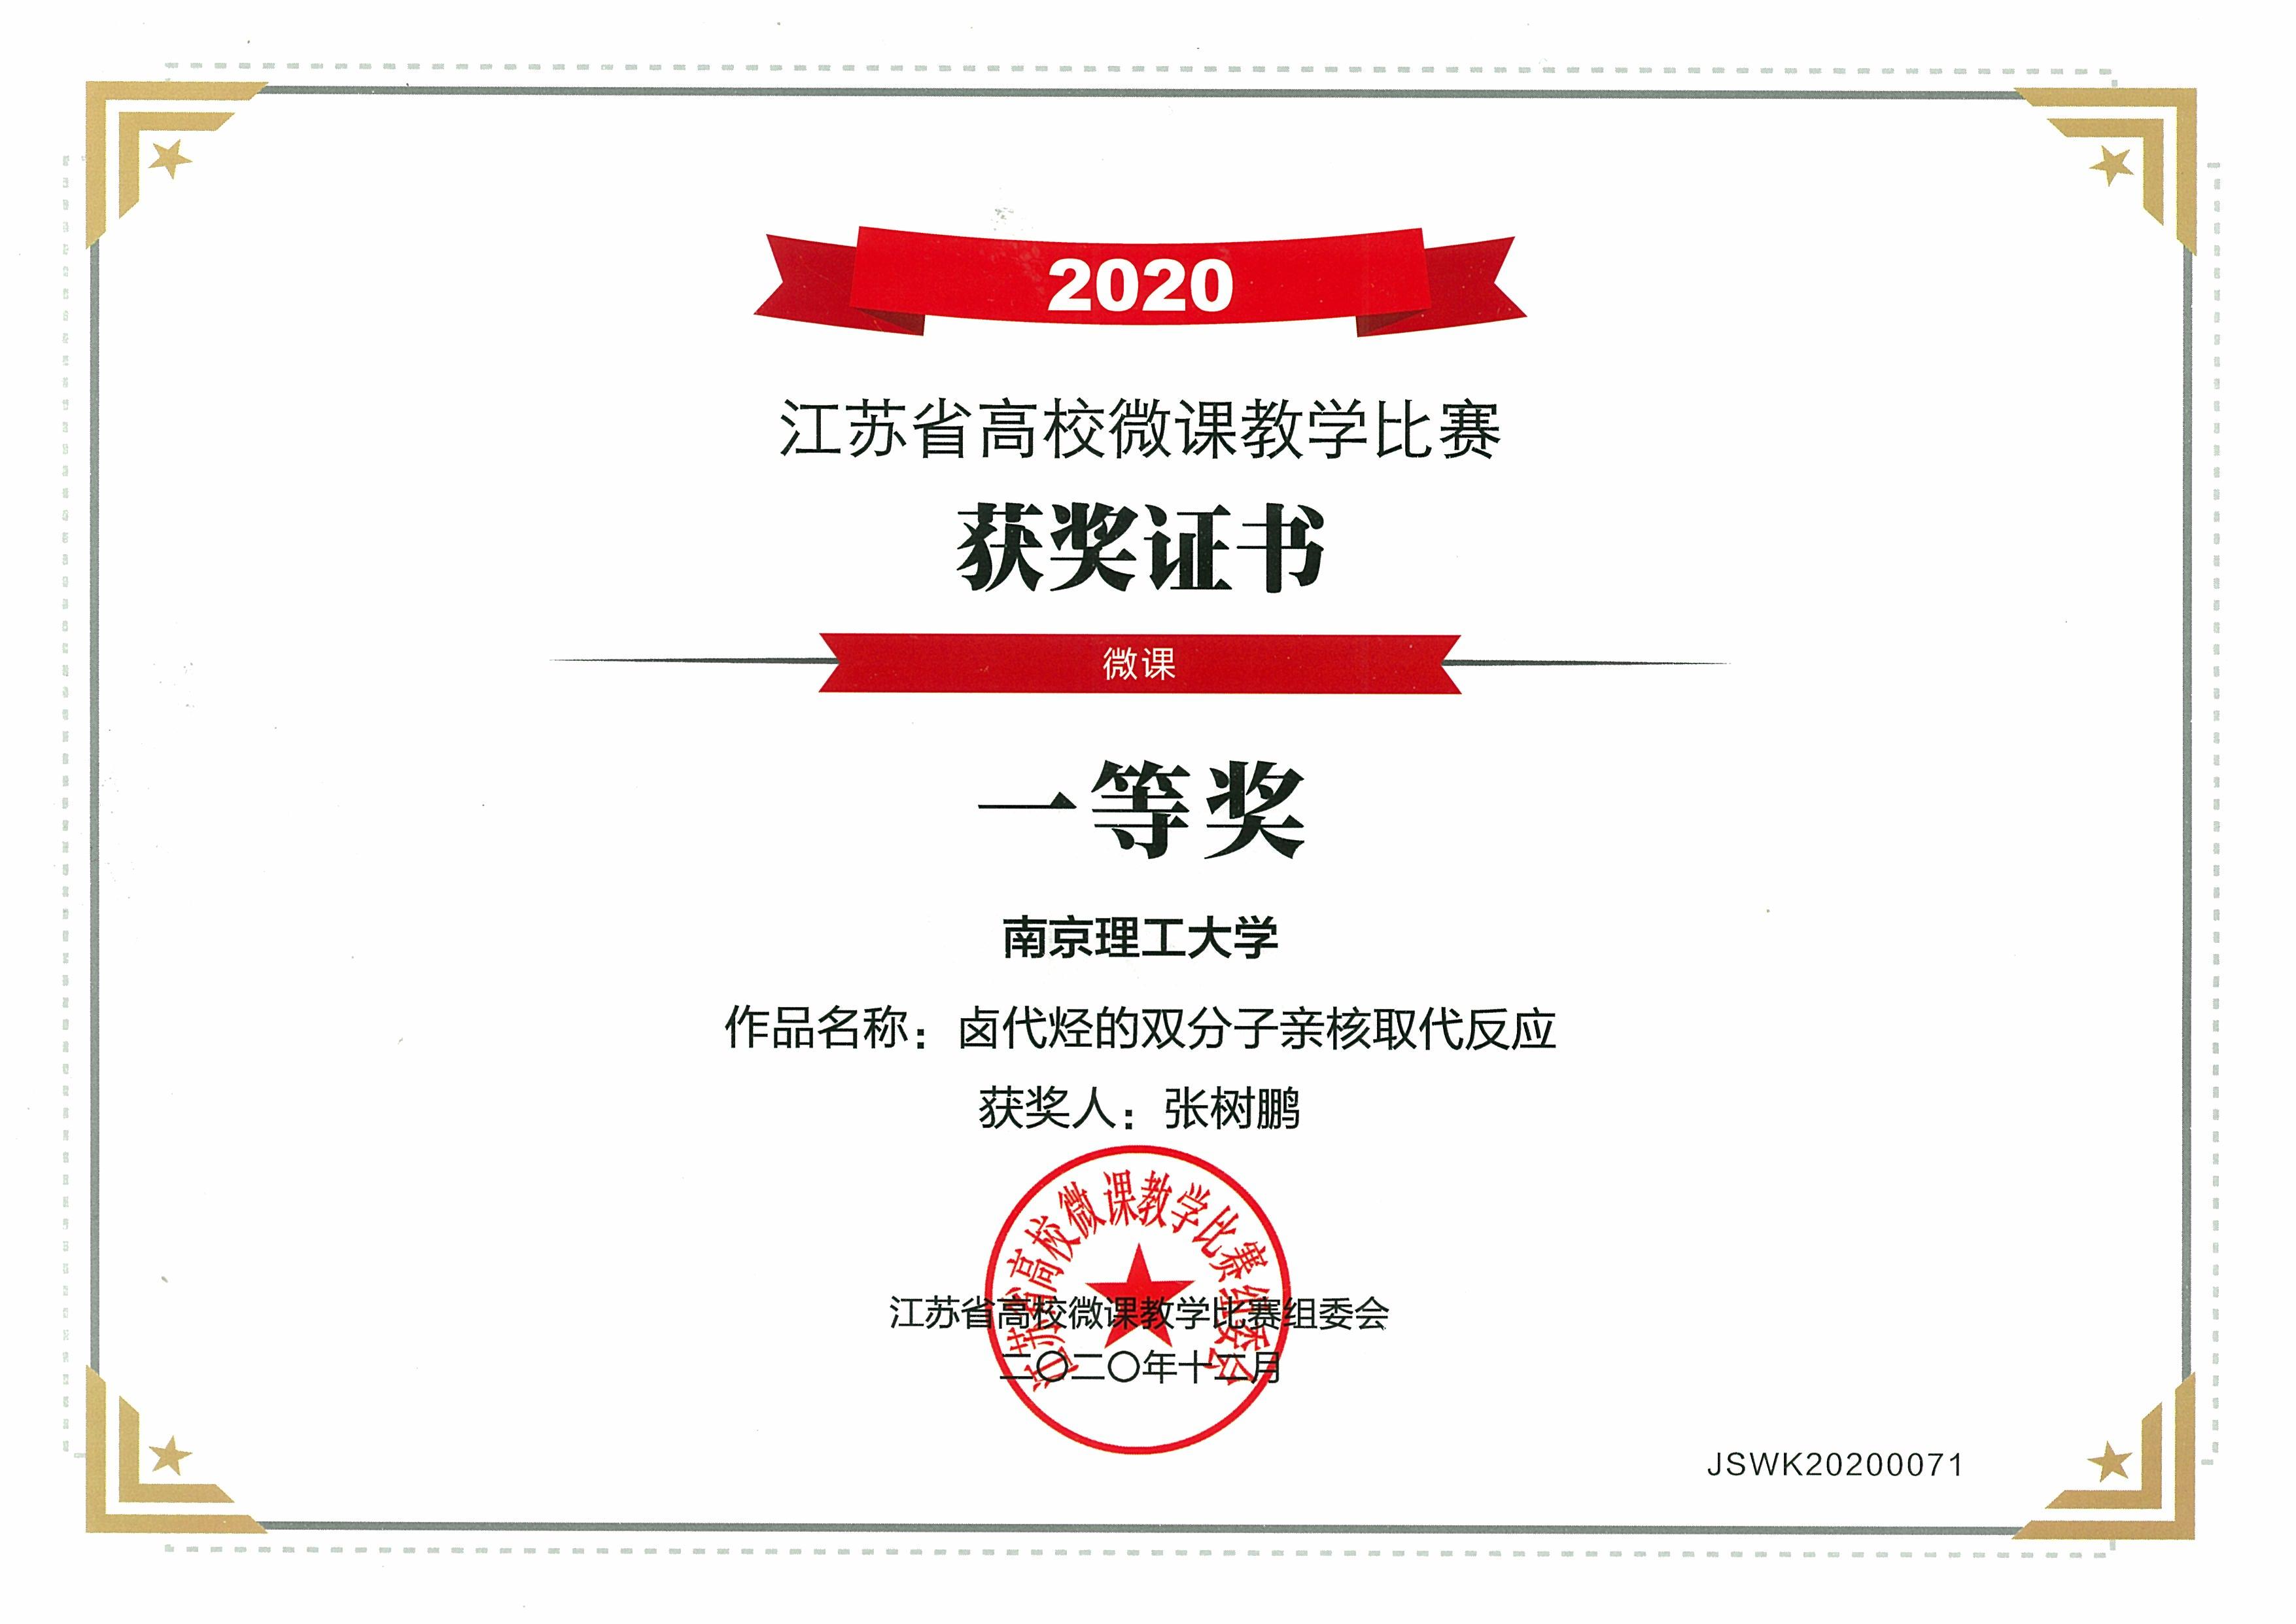 2020-张树鹏江苏省微课比赛一等奖.jpg